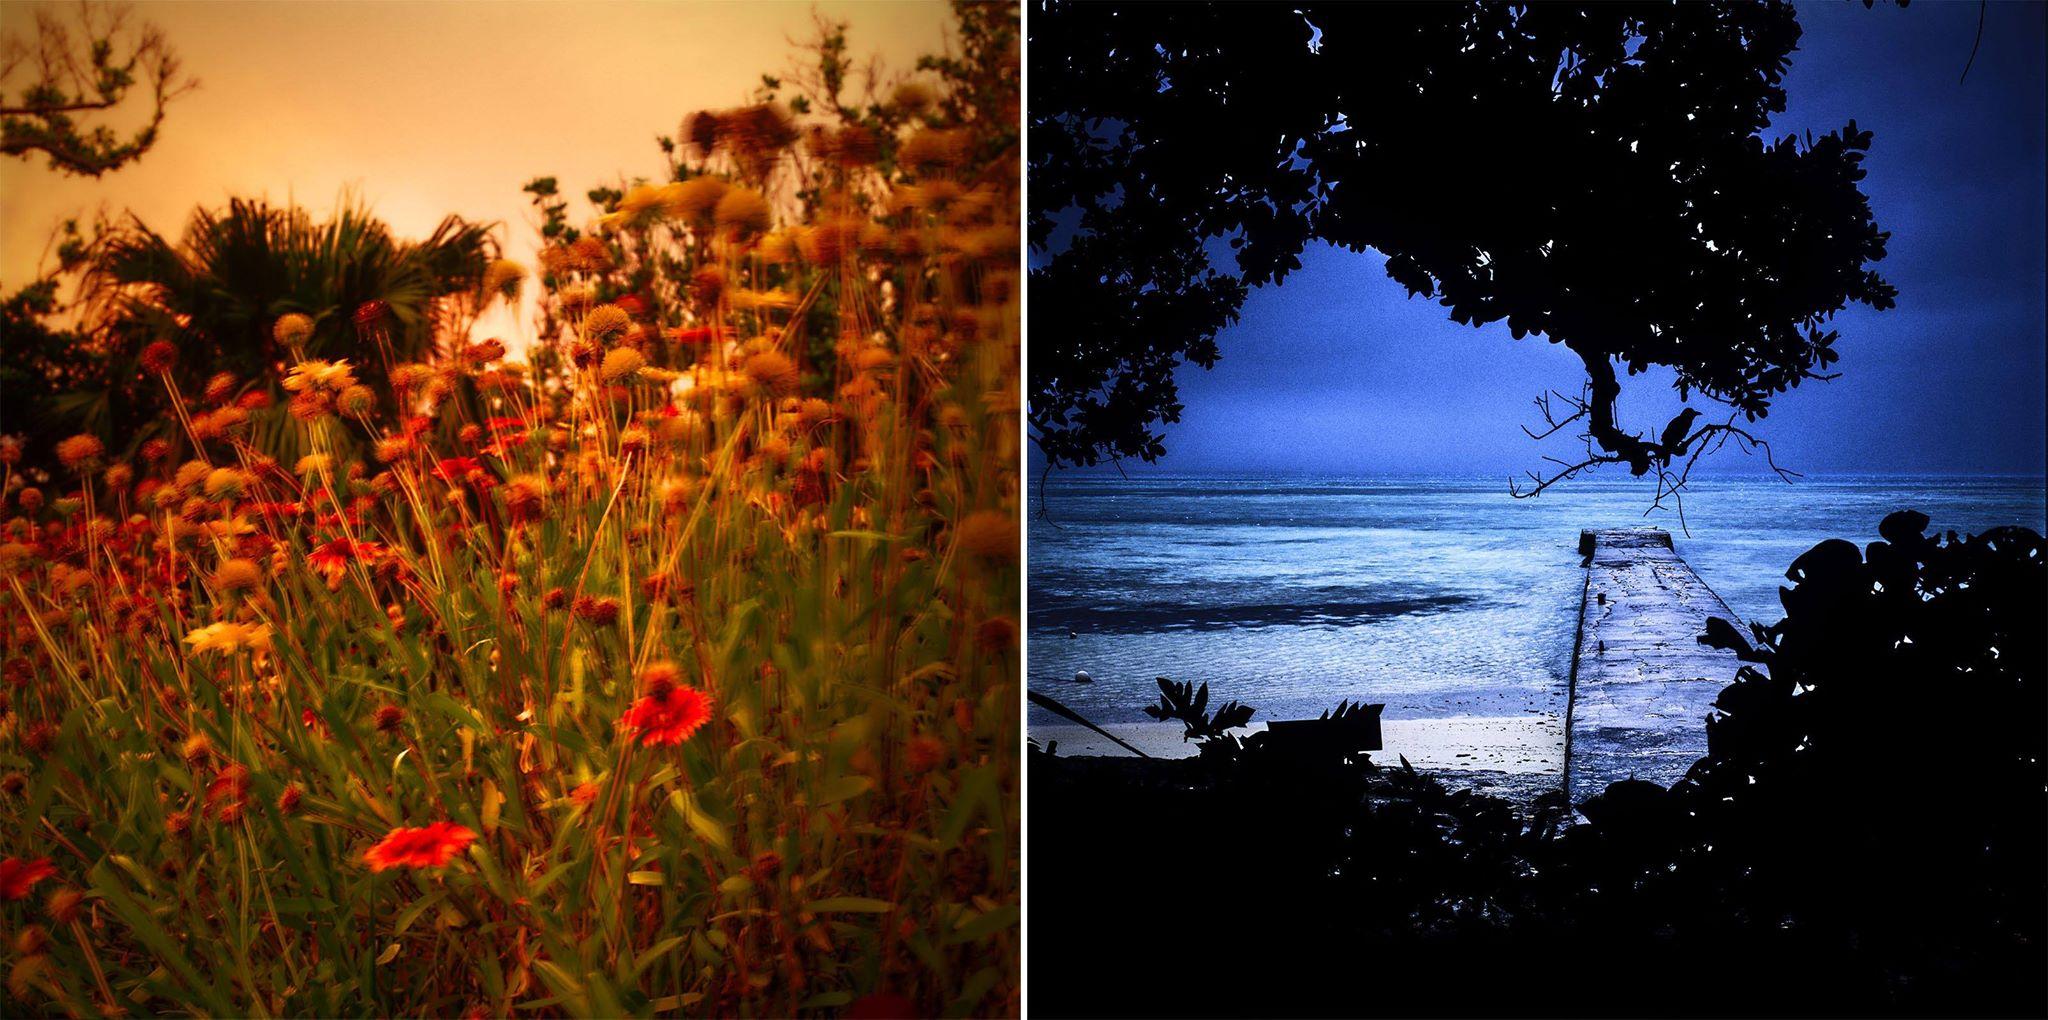 Colors 沖縄の光と影